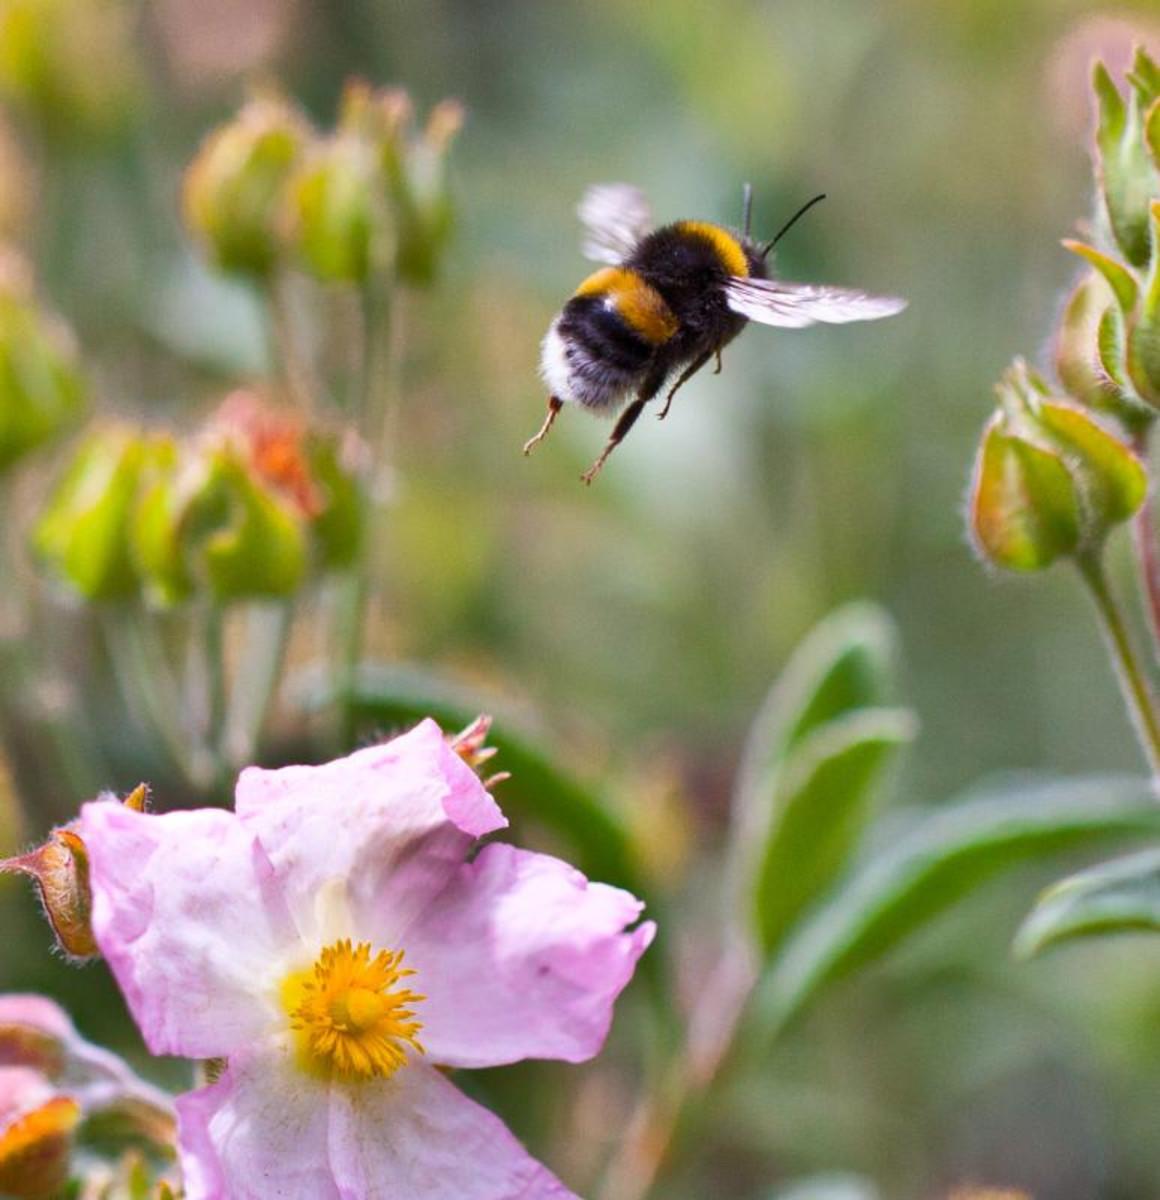 Bumble bee in flight.